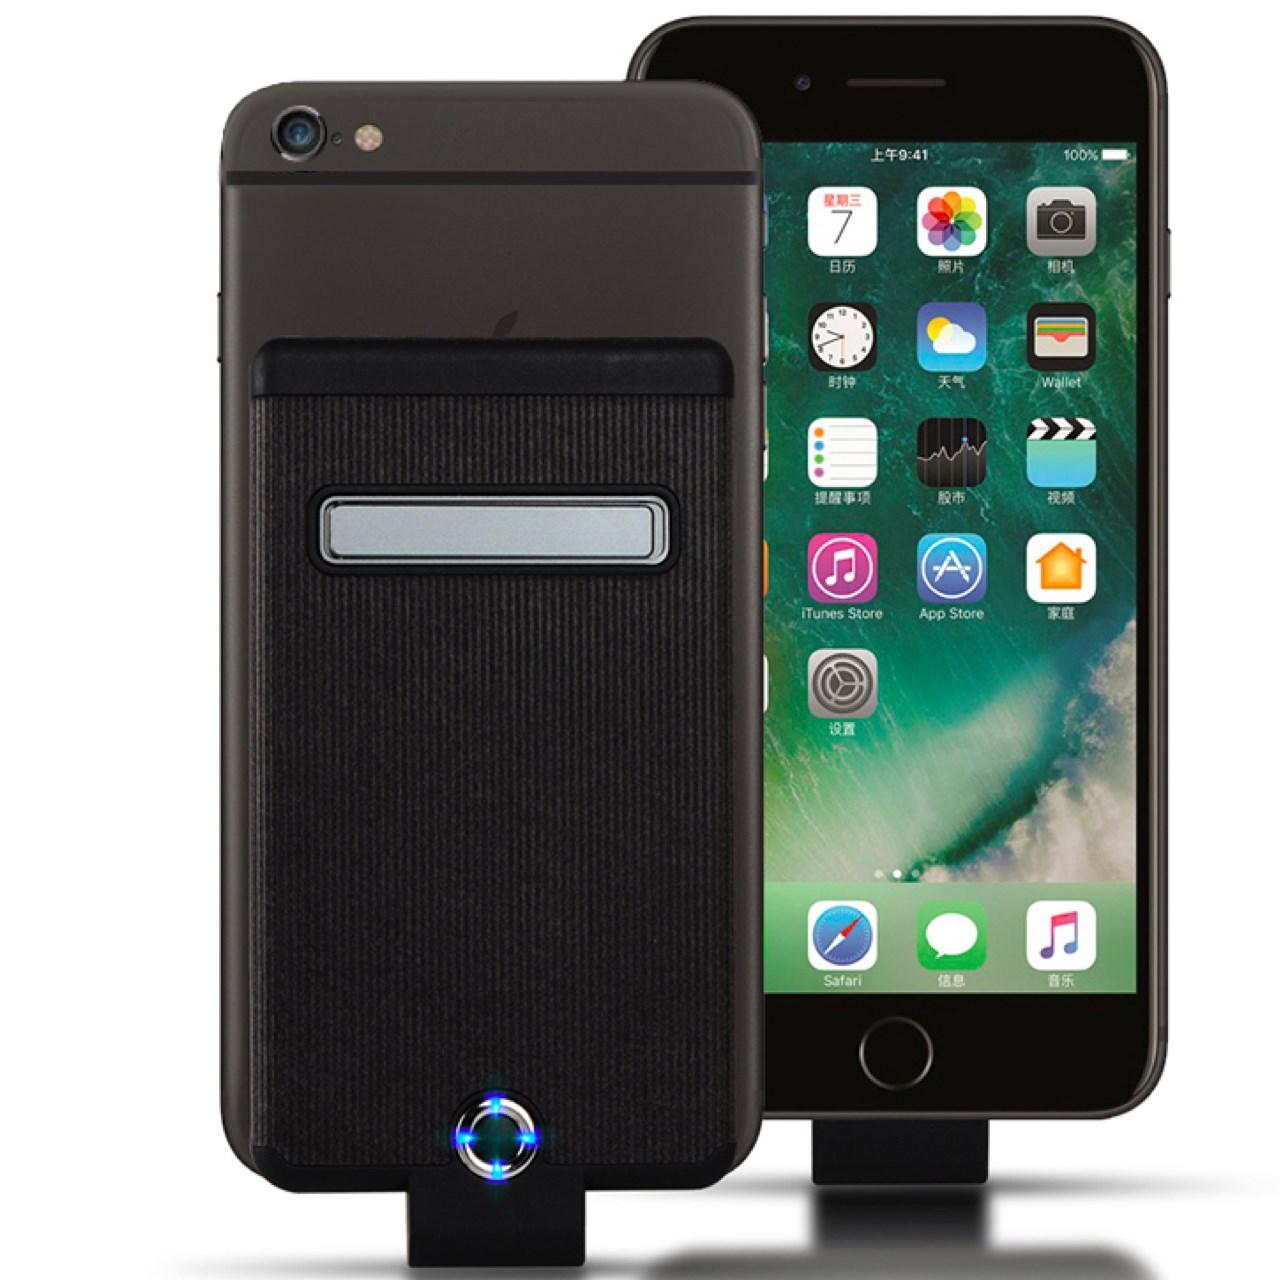 قیمت شارژر همراه ویکآپ ورلد  مدل Back Clip Power ظرفیت 5000 میلی آمپر ساعت مناسب برای iphone 6 Plus